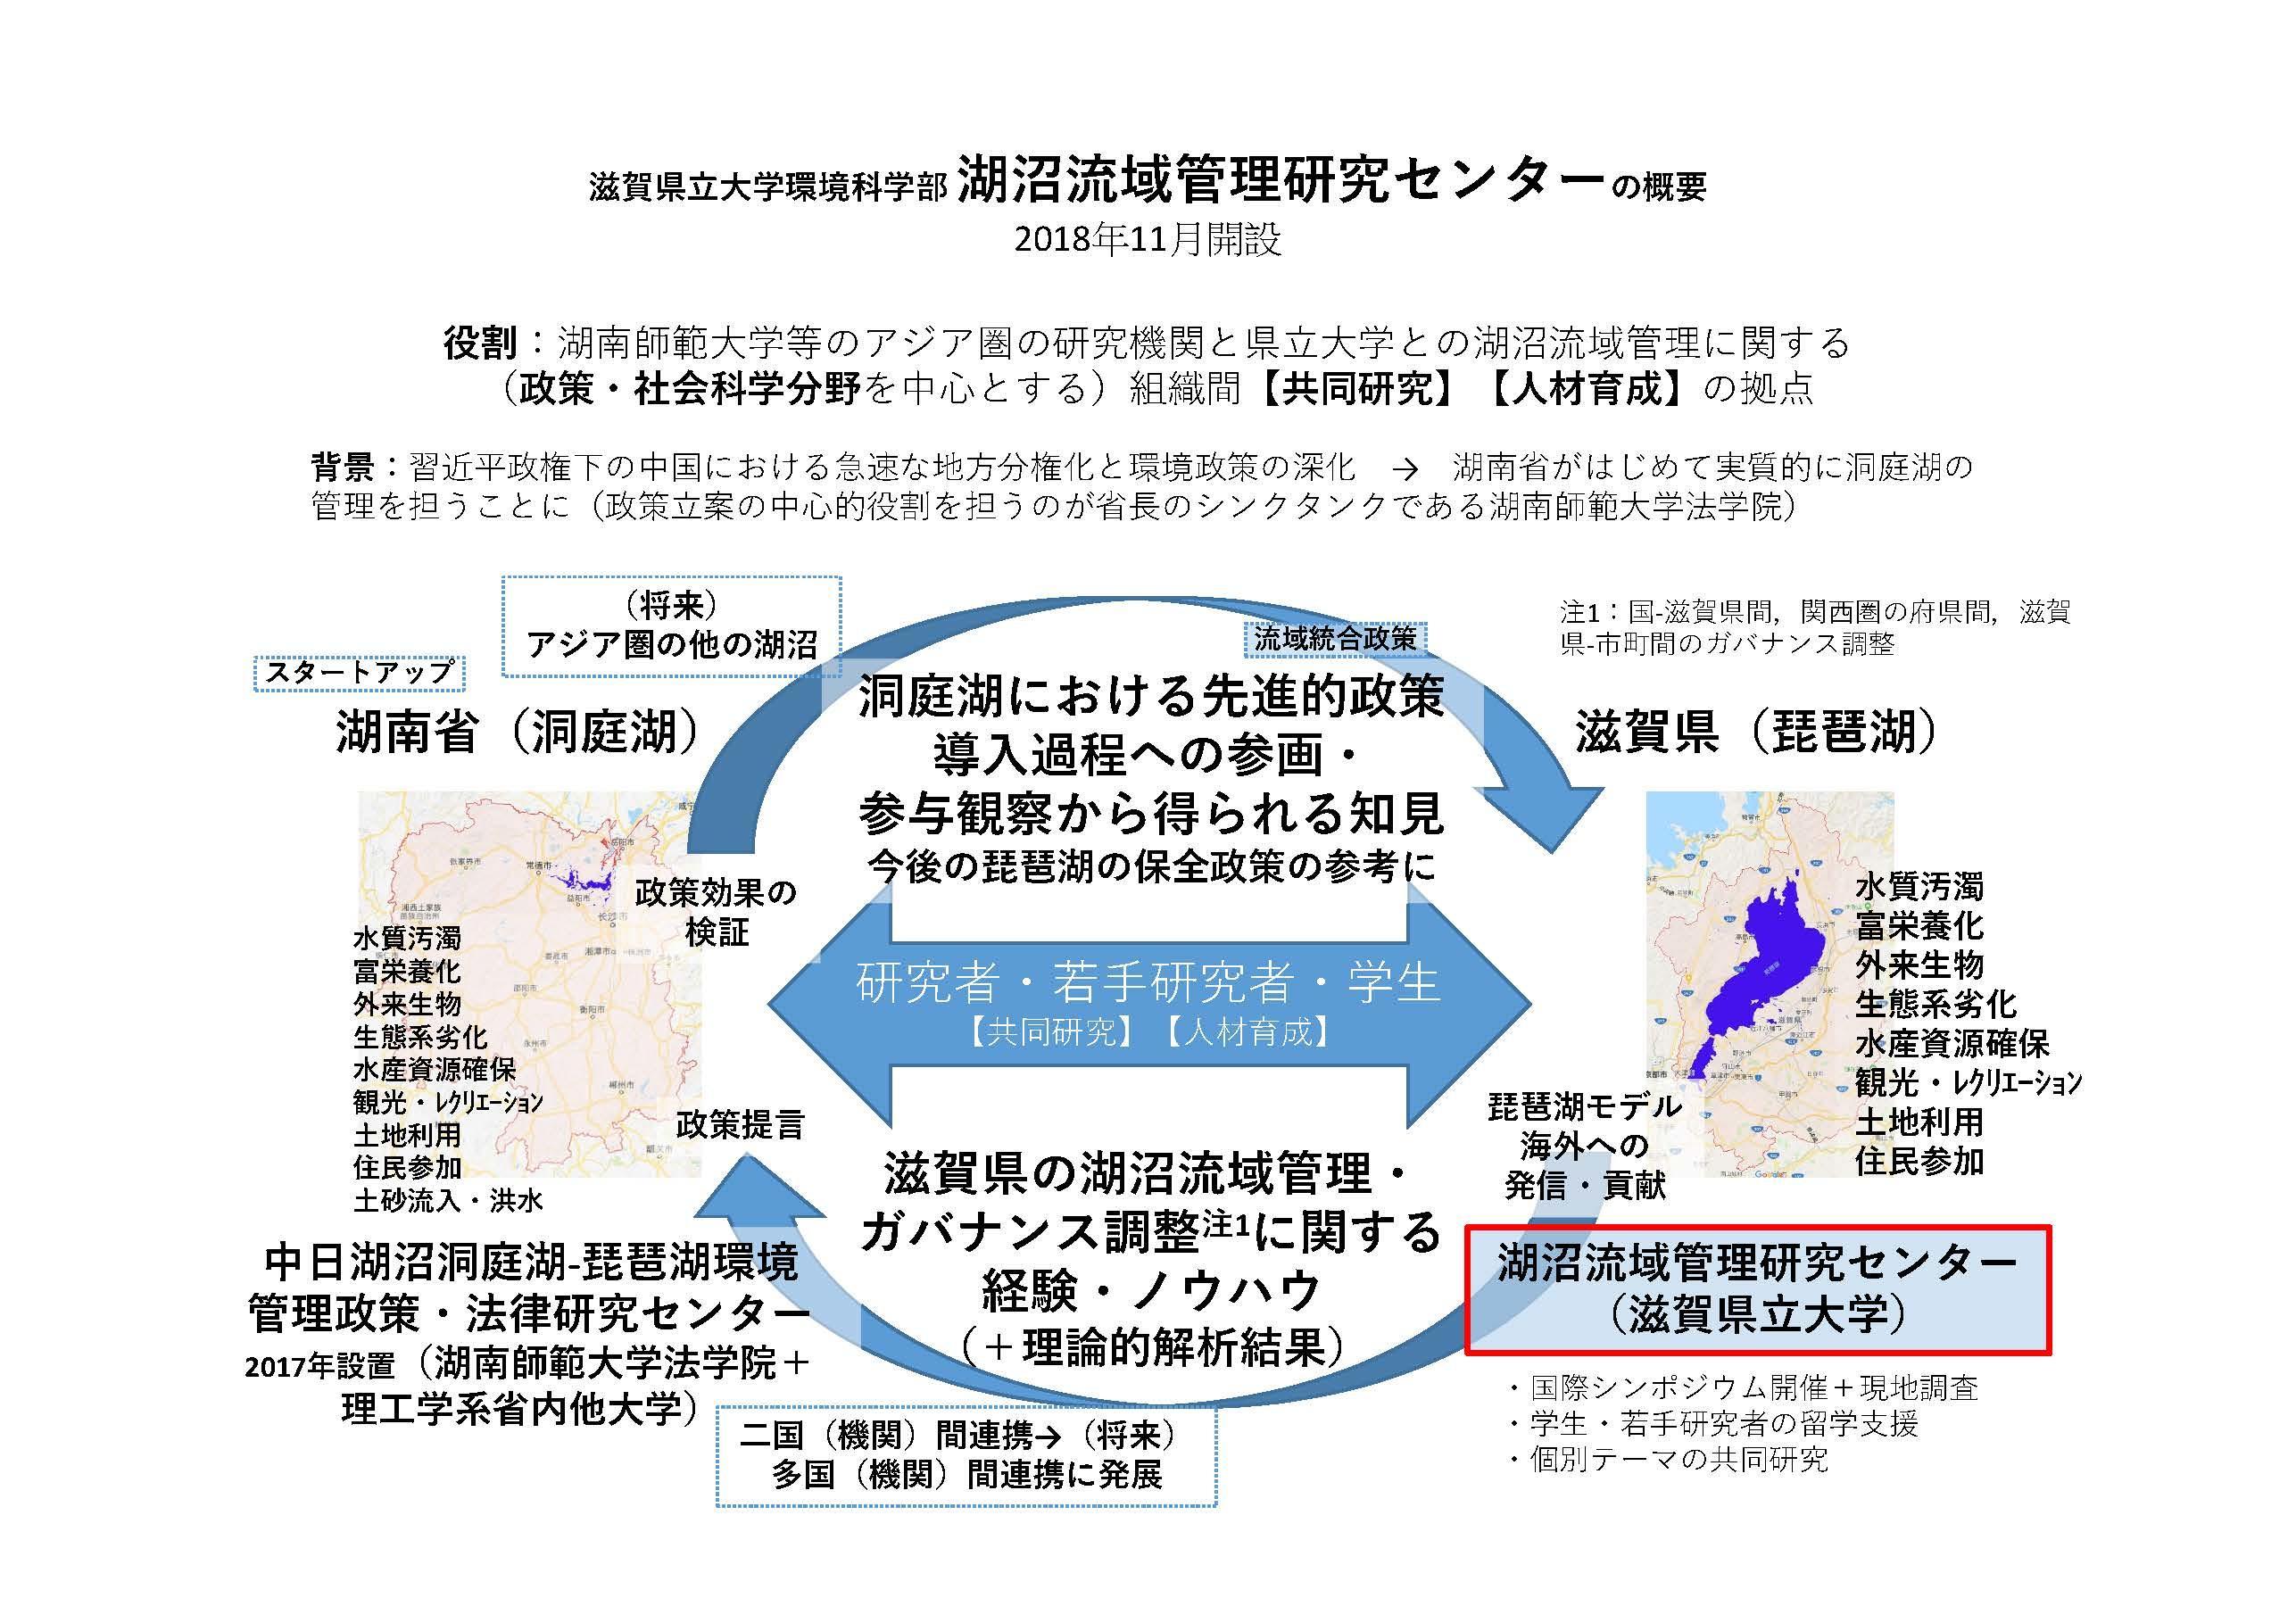 滋賀県立大学が環境科学部に「湖沼流域管理研究センター」を開設 -- 琵琶湖管理の経験をもとに中国「洞庭湖」の管理を支援、得られた知見をアジアの他の湖沼管理や琵琶湖の保全政策にも応用